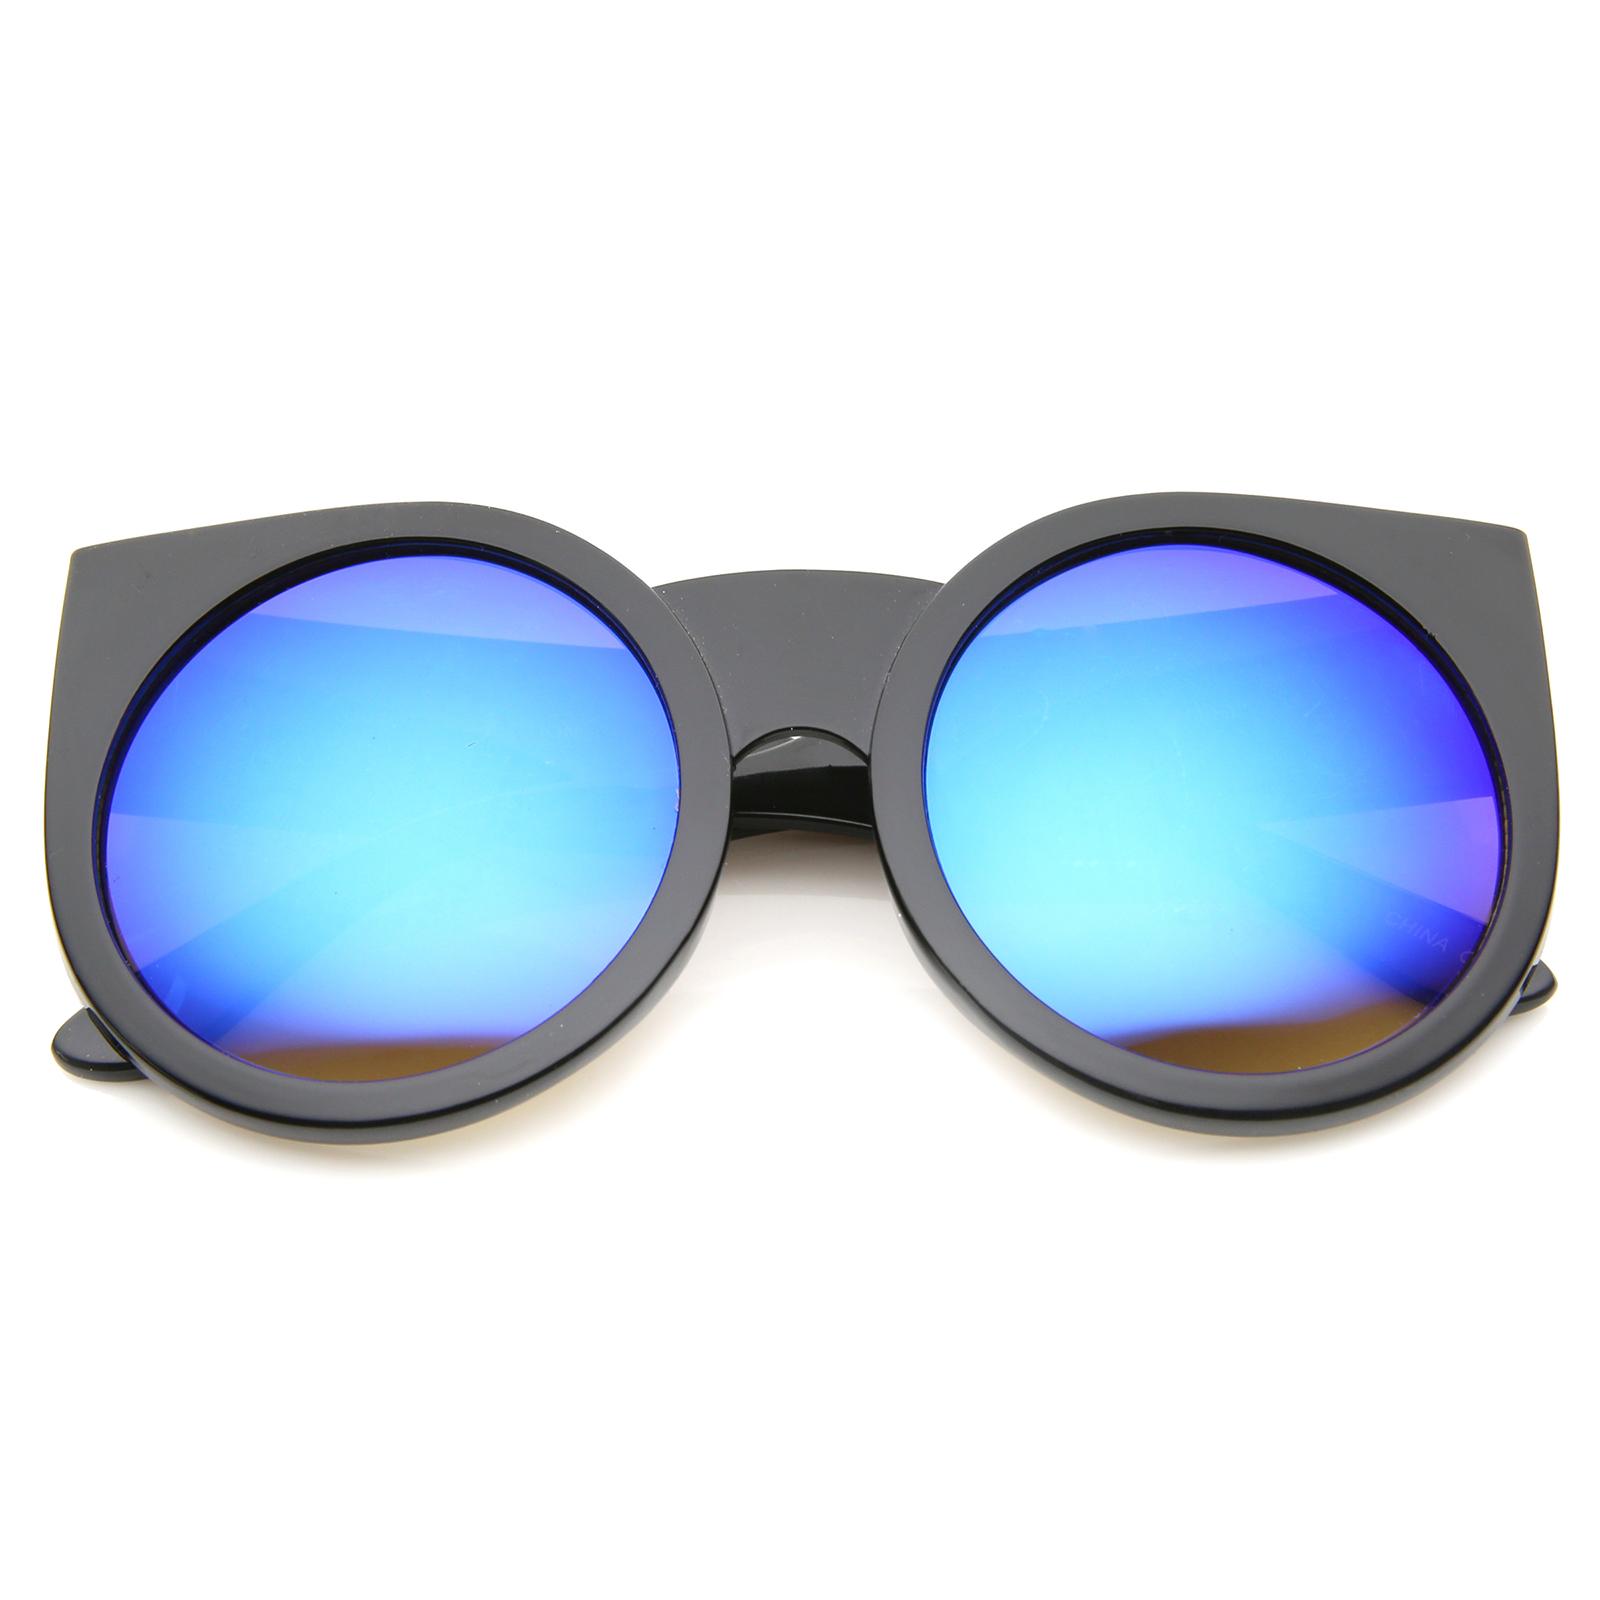 sunglass.la Damen Dicke Rahmenfarbe verspiegelte Linse rund   eBay